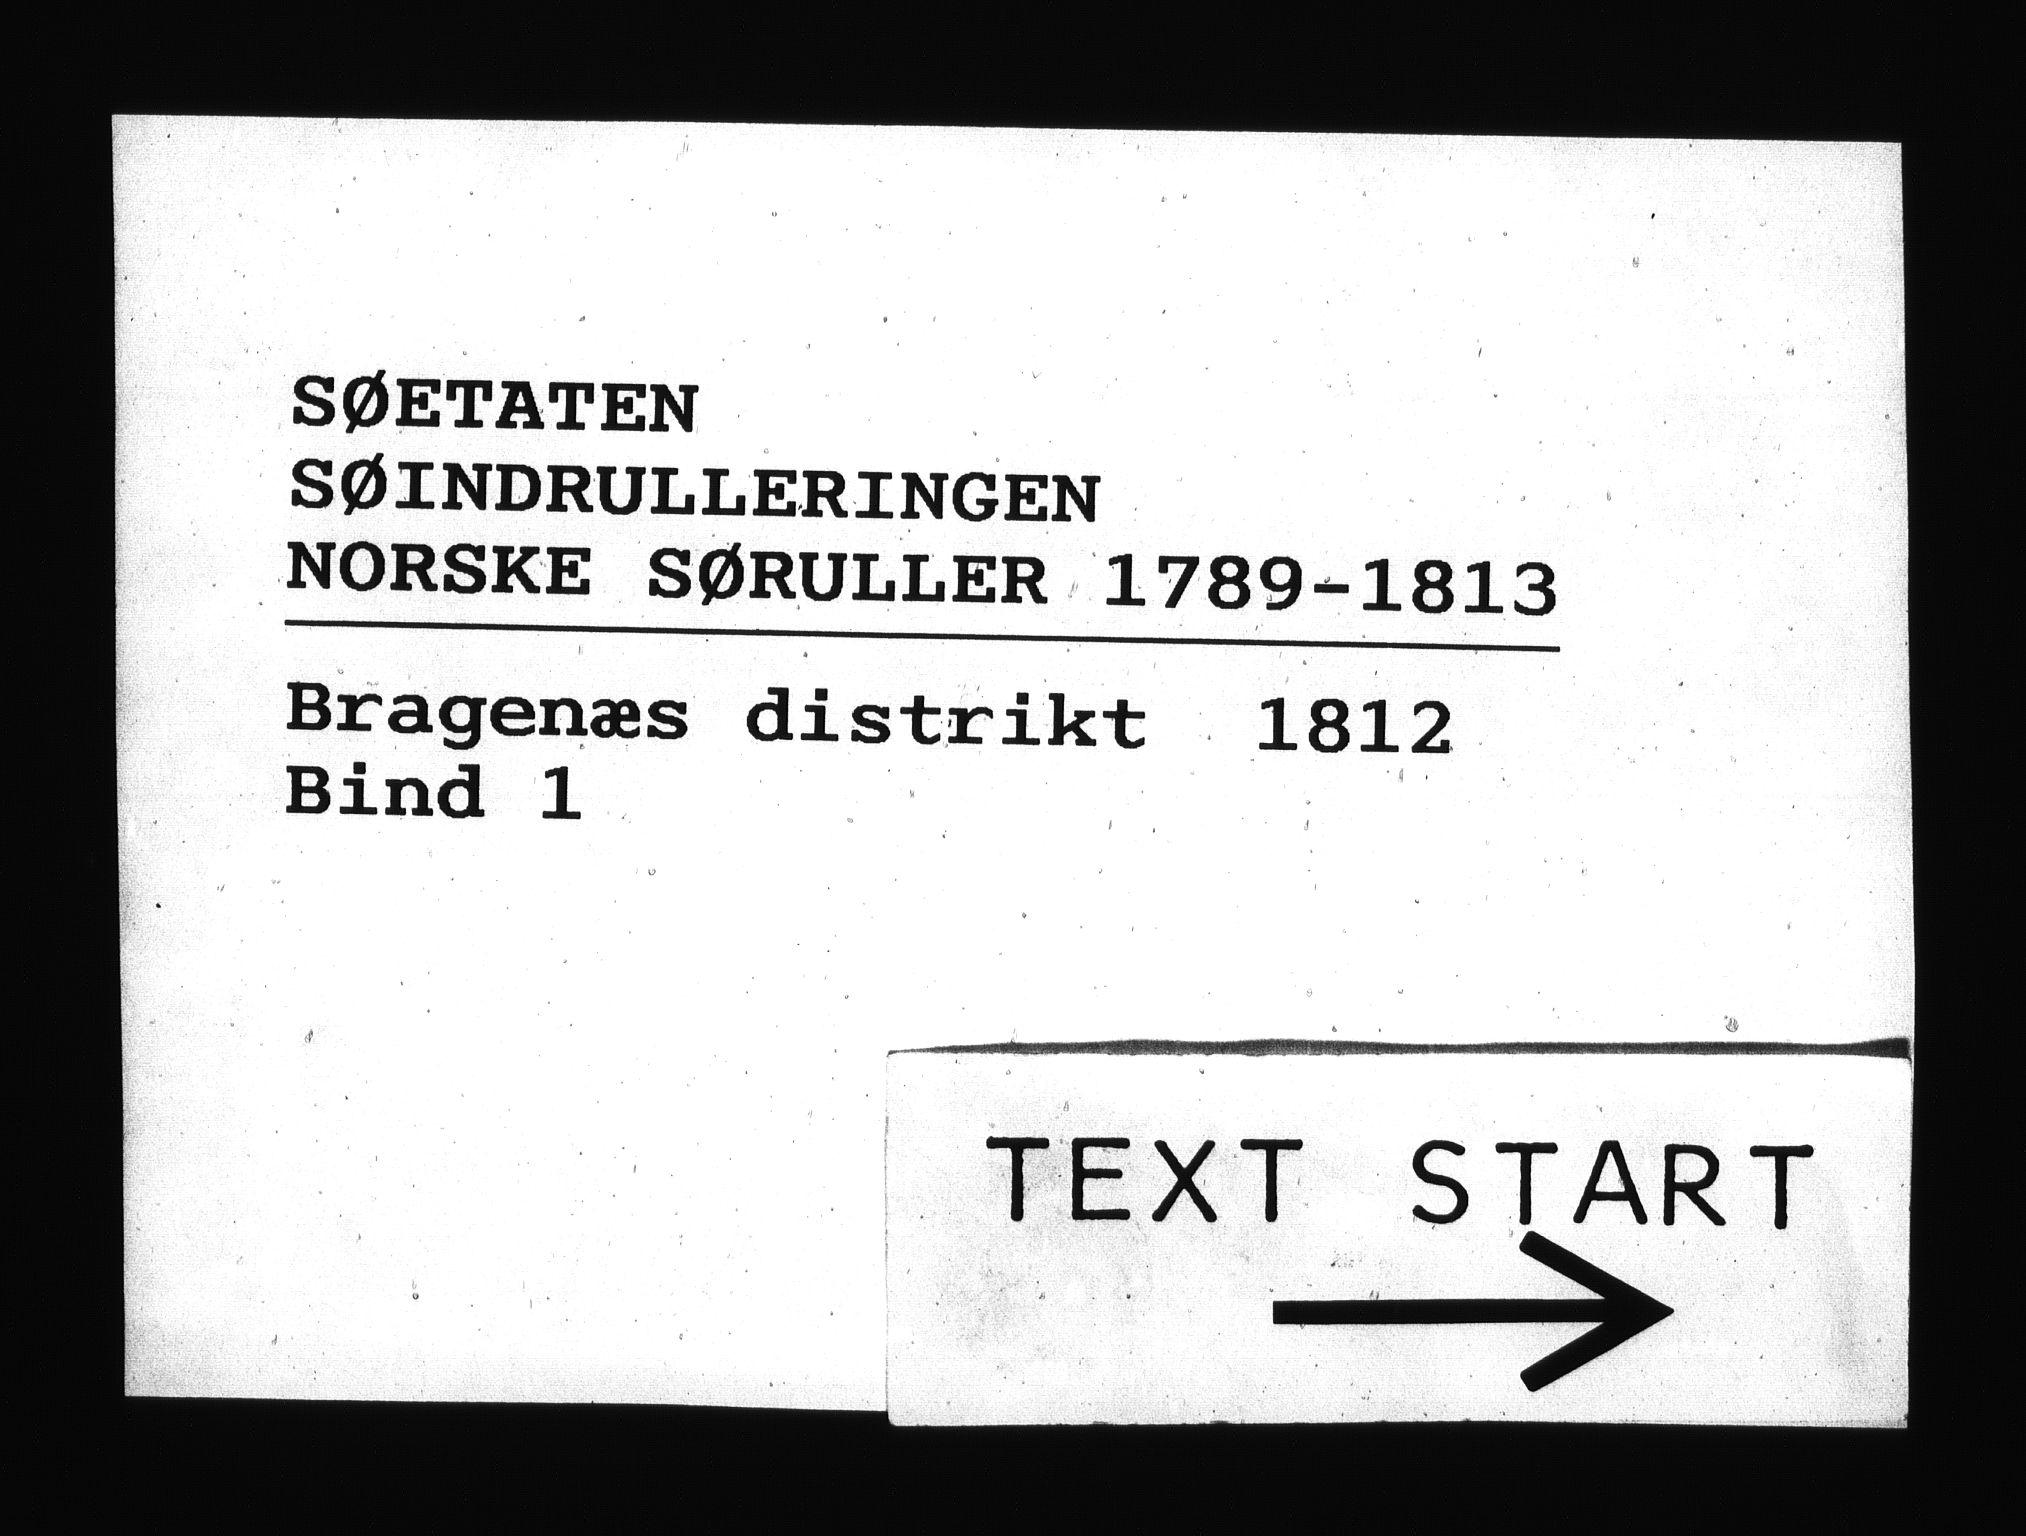 RA, Sjøetaten, F/L0164: Bragernes distrikt, bind 1, 1812